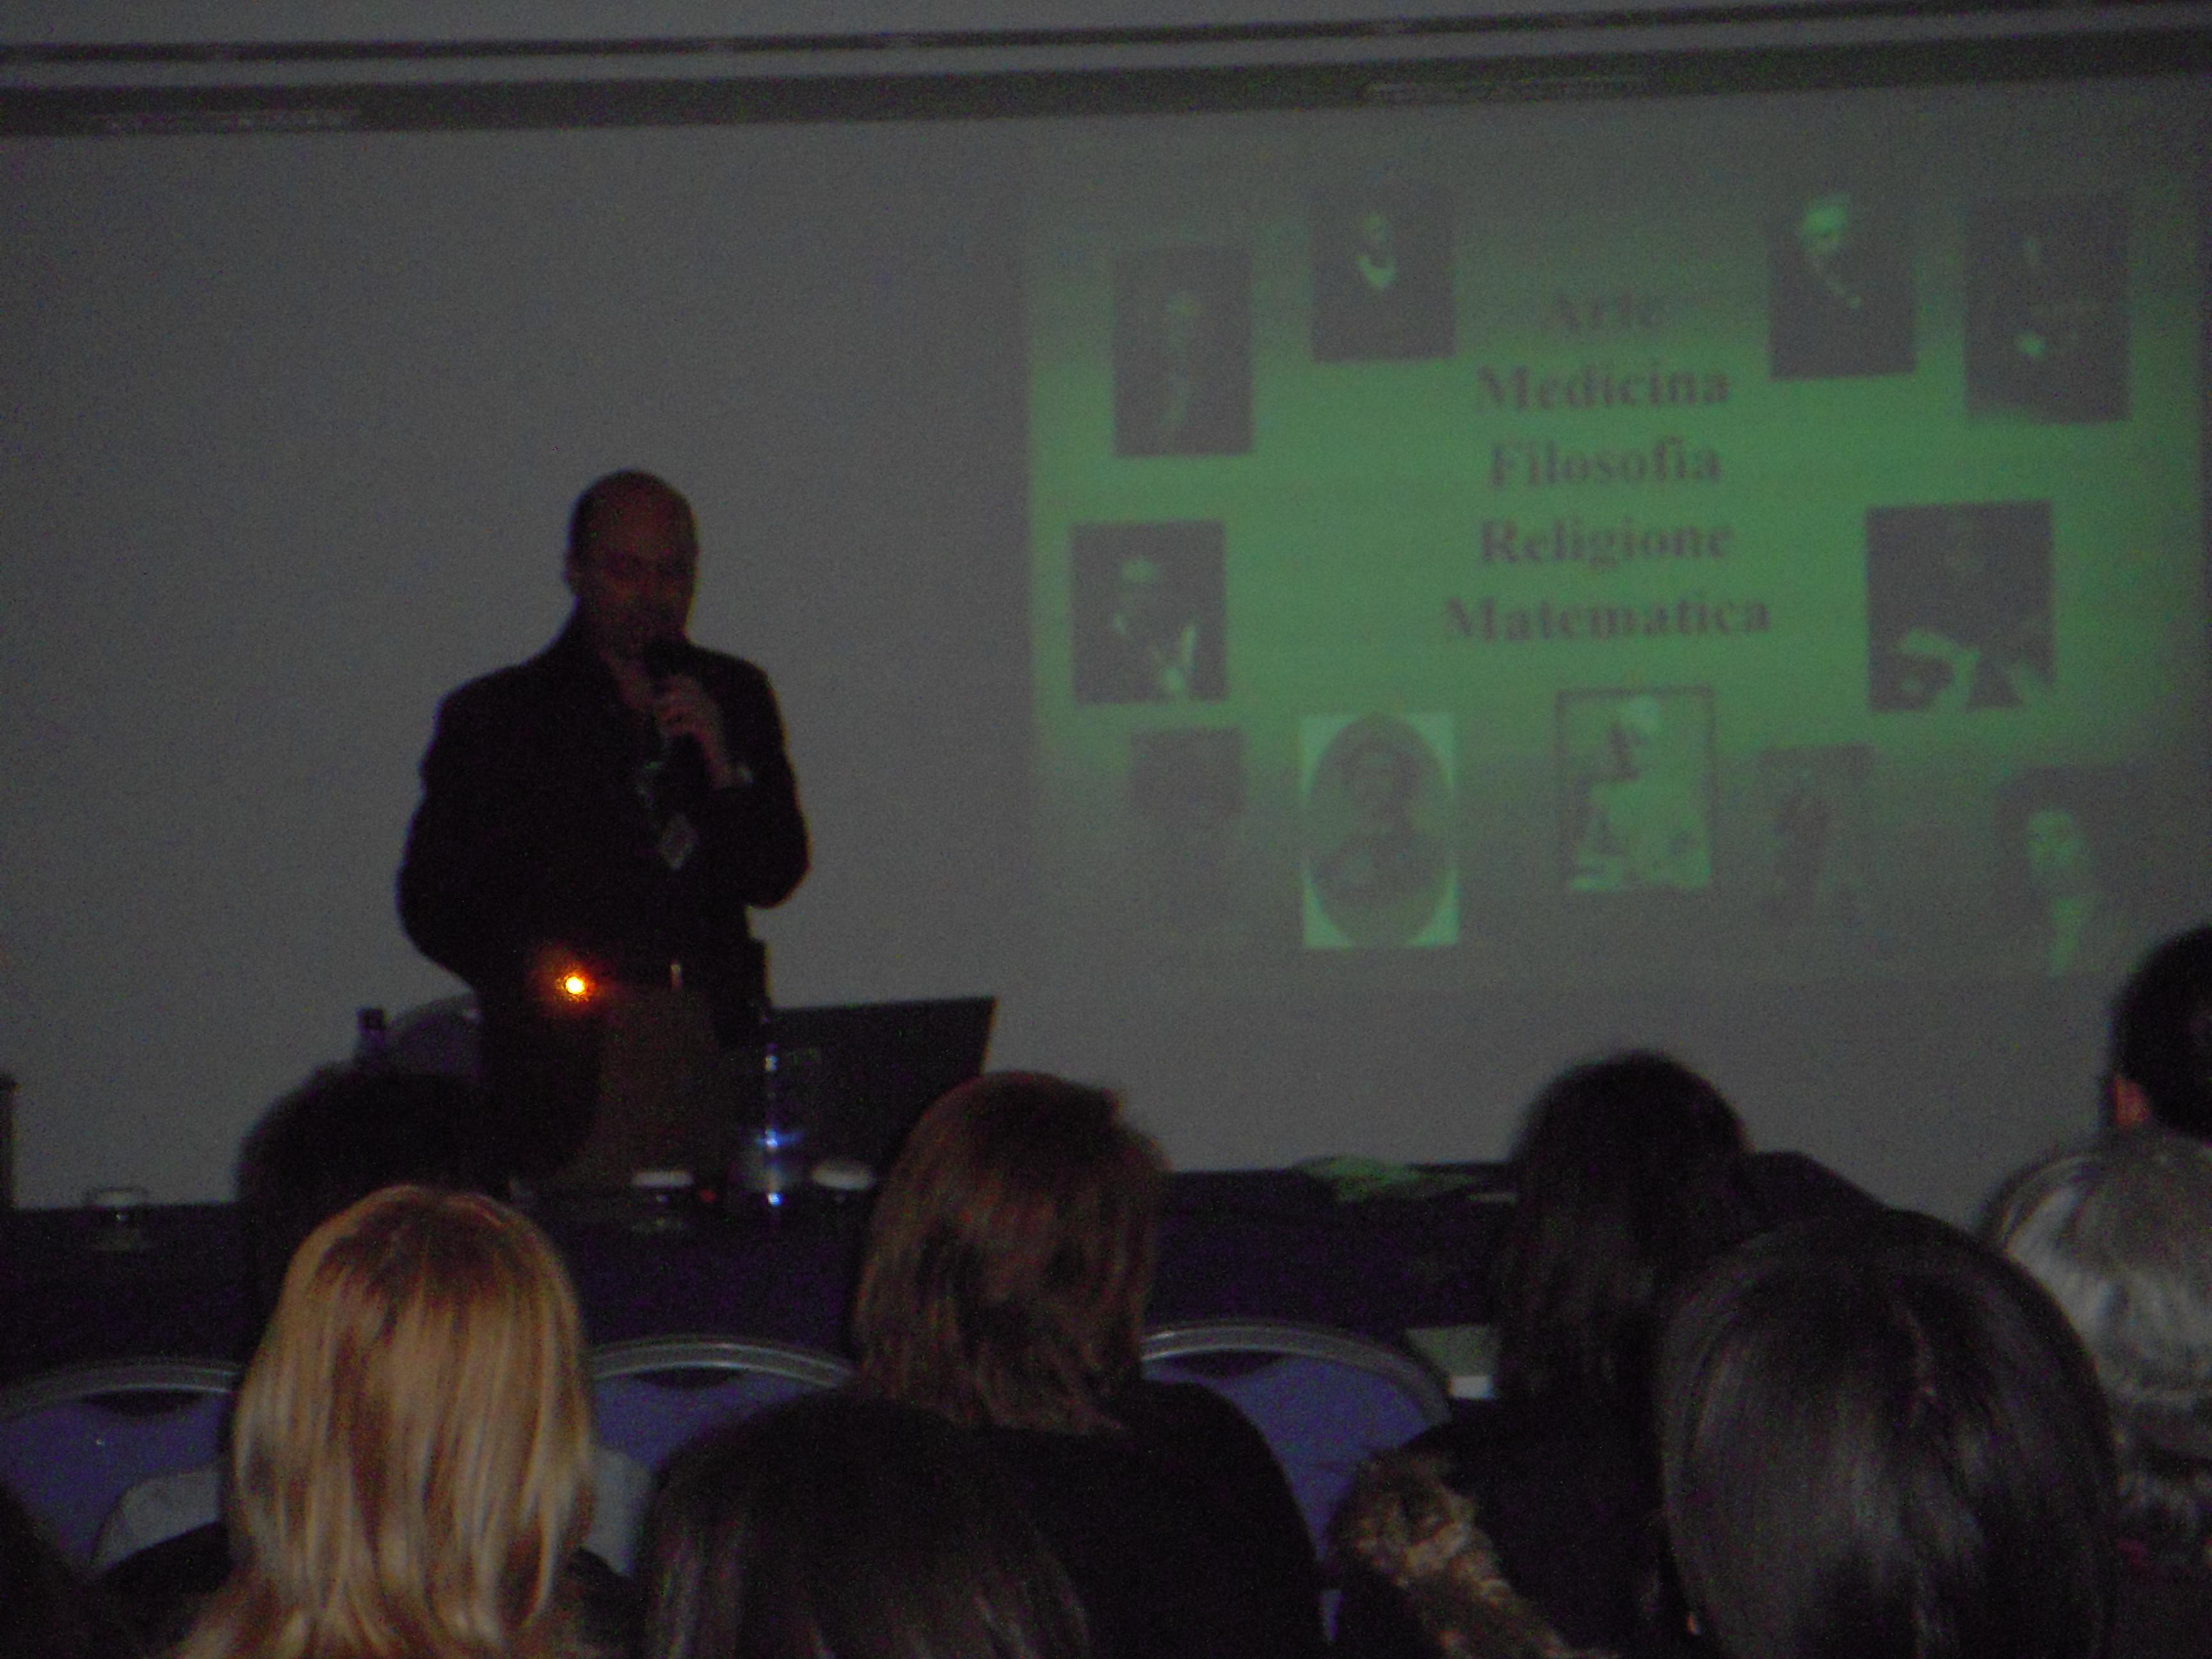 Pasquale Fruscella